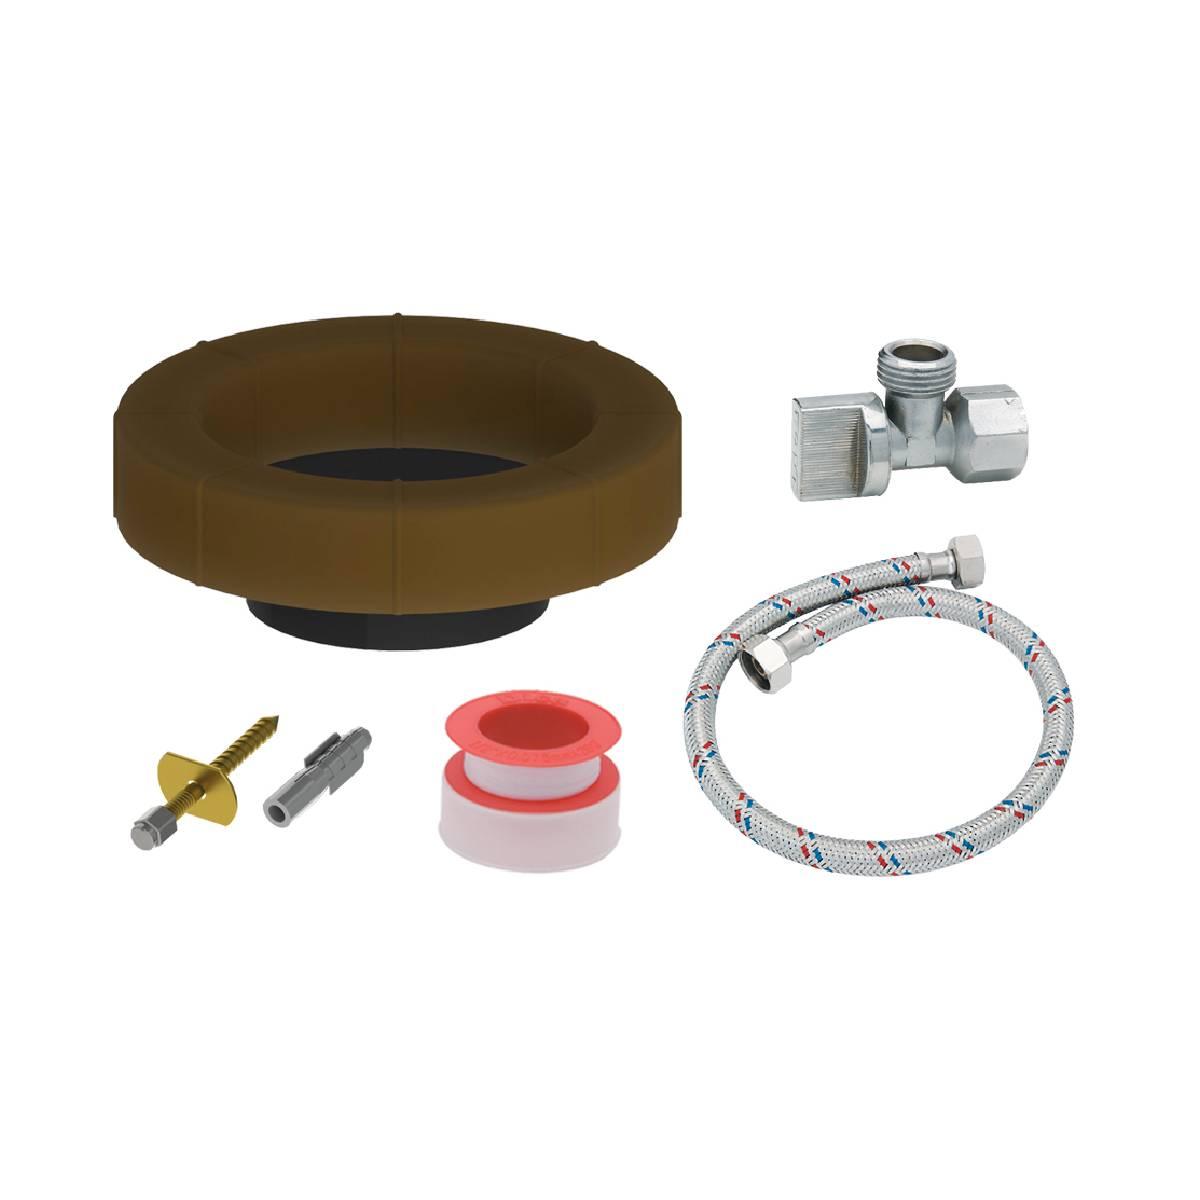 Kit De Instalacion Basico Para Wc Baño Sanitario Kiwc02 Dica